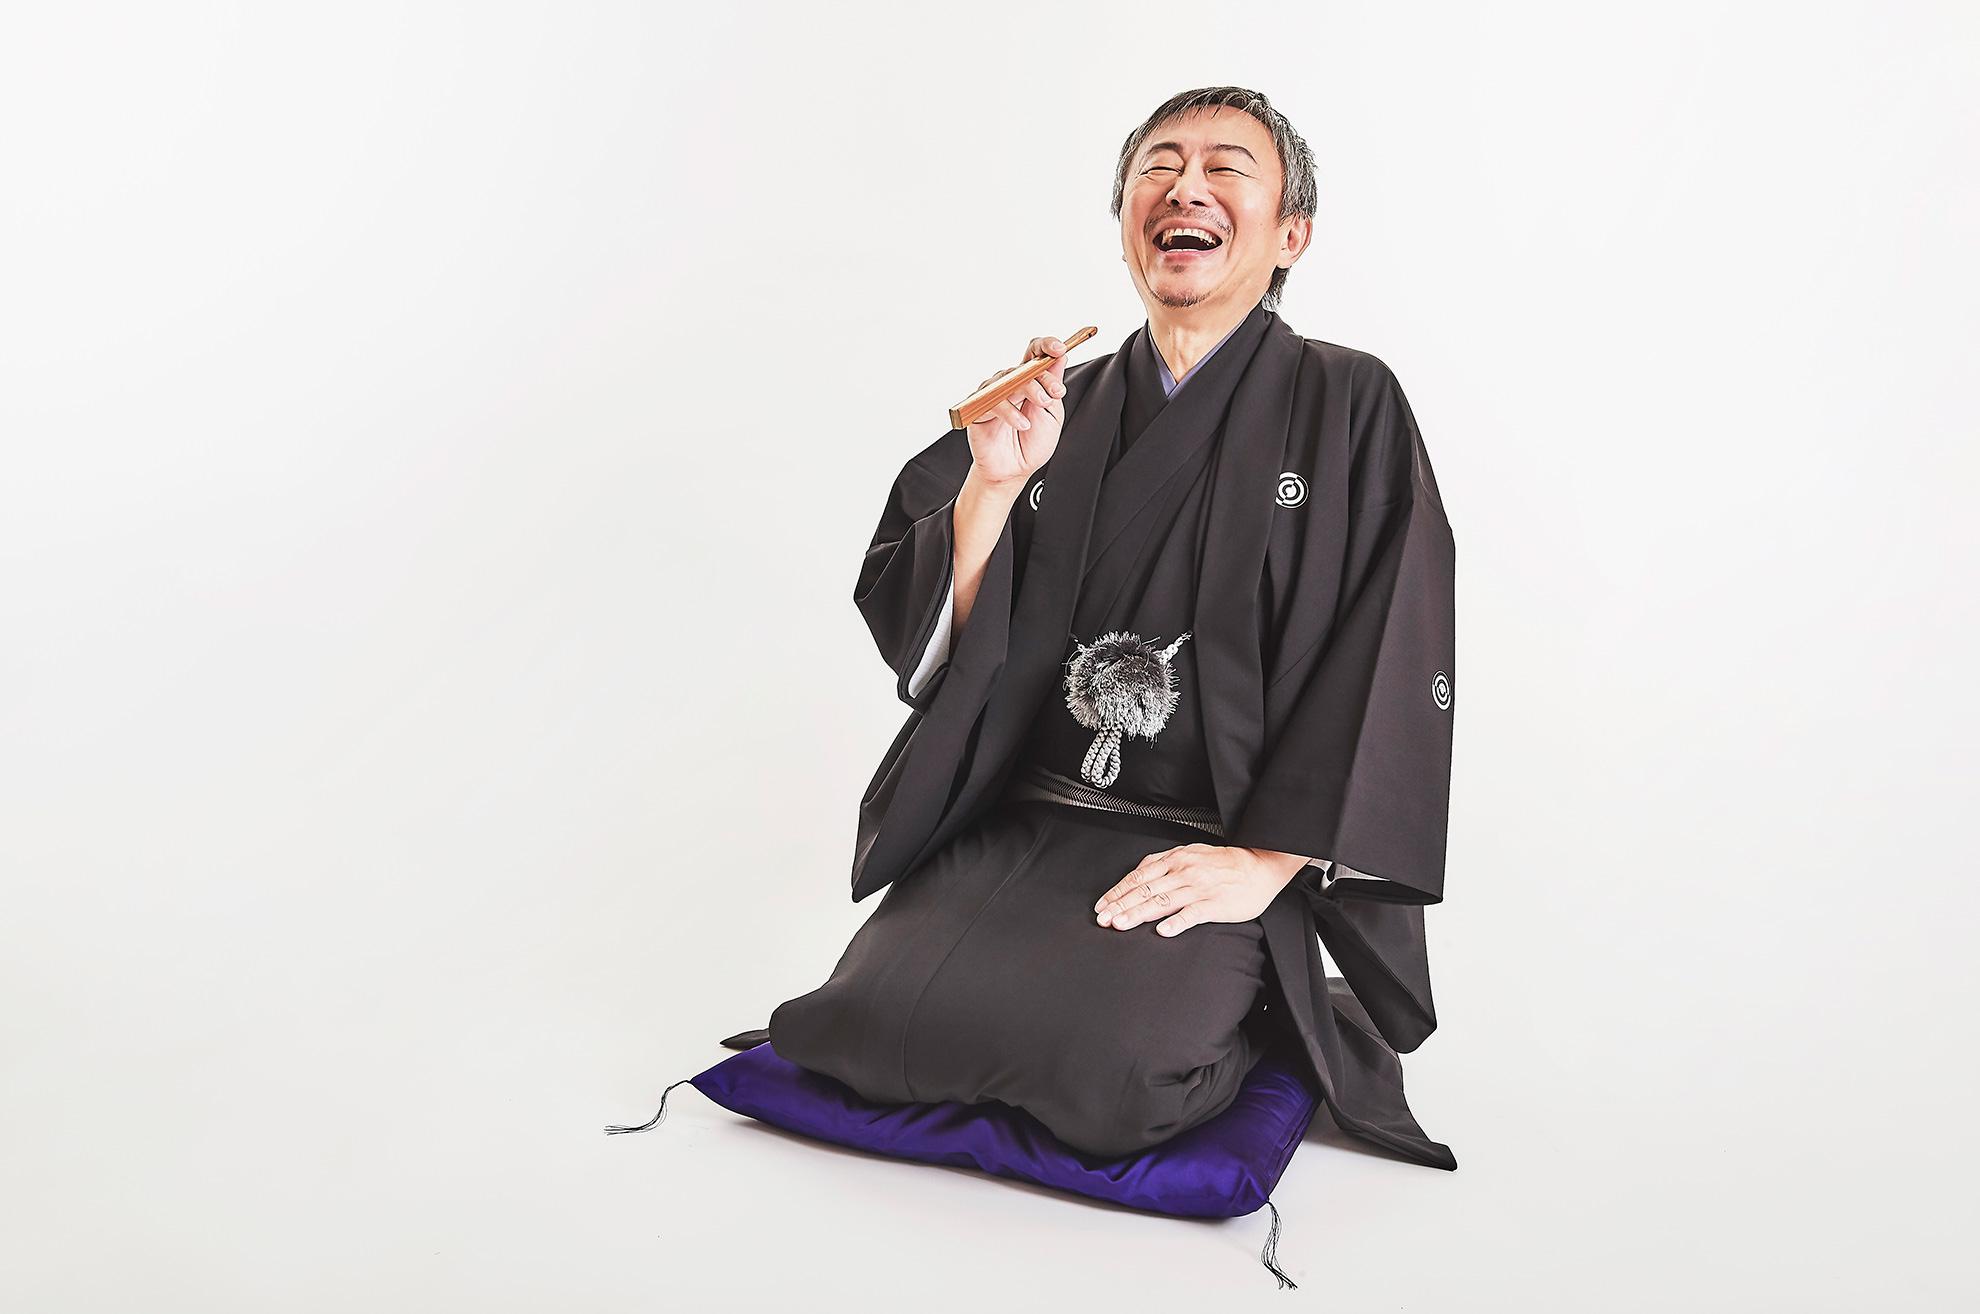 松尾貴史のサイトが復活しました。